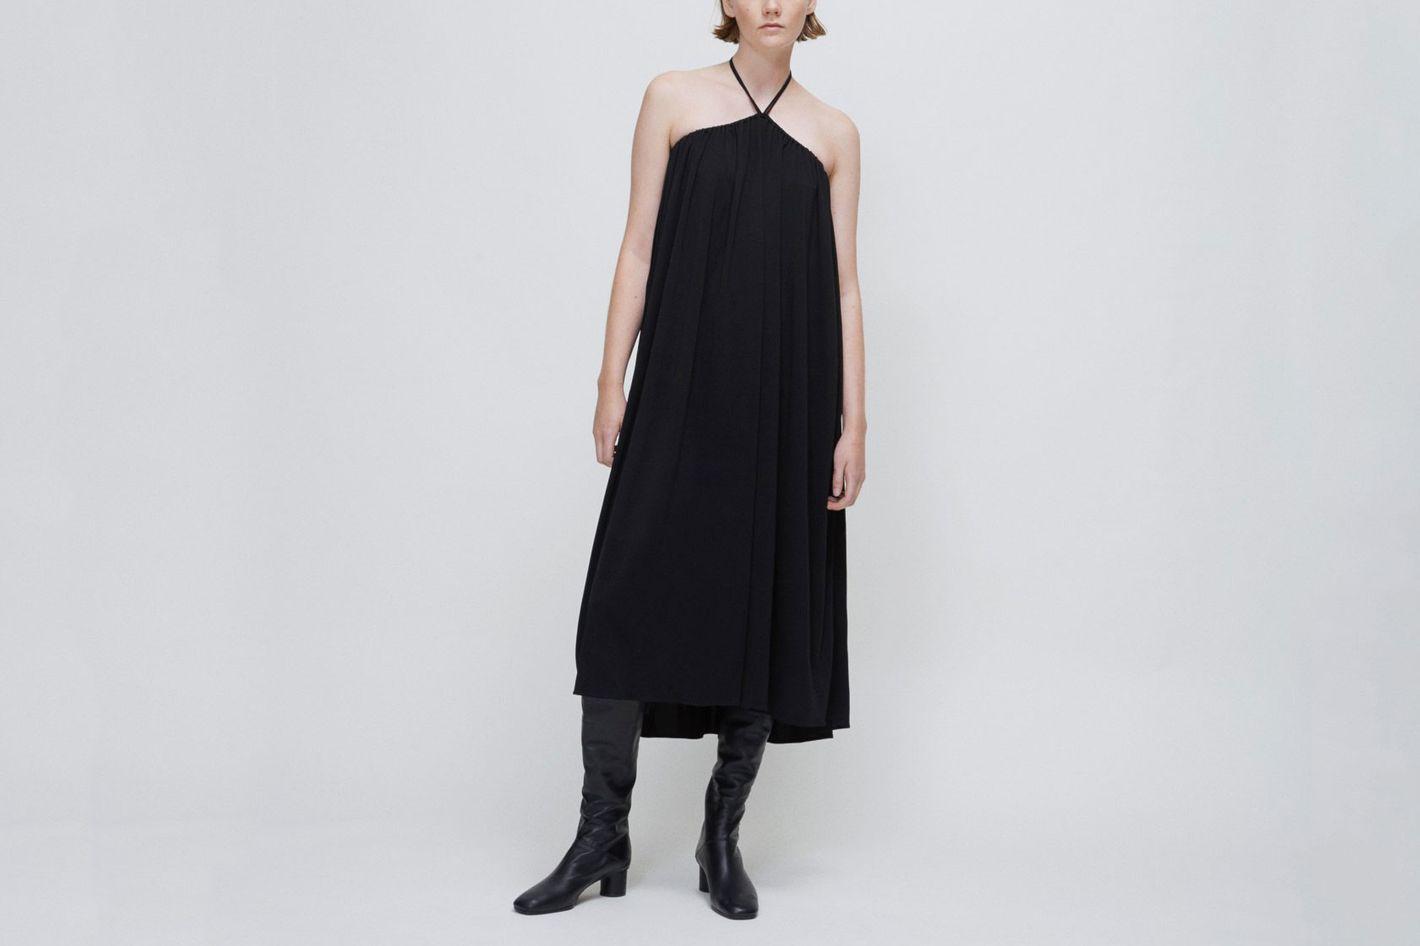 Viden Stel Halter Dress